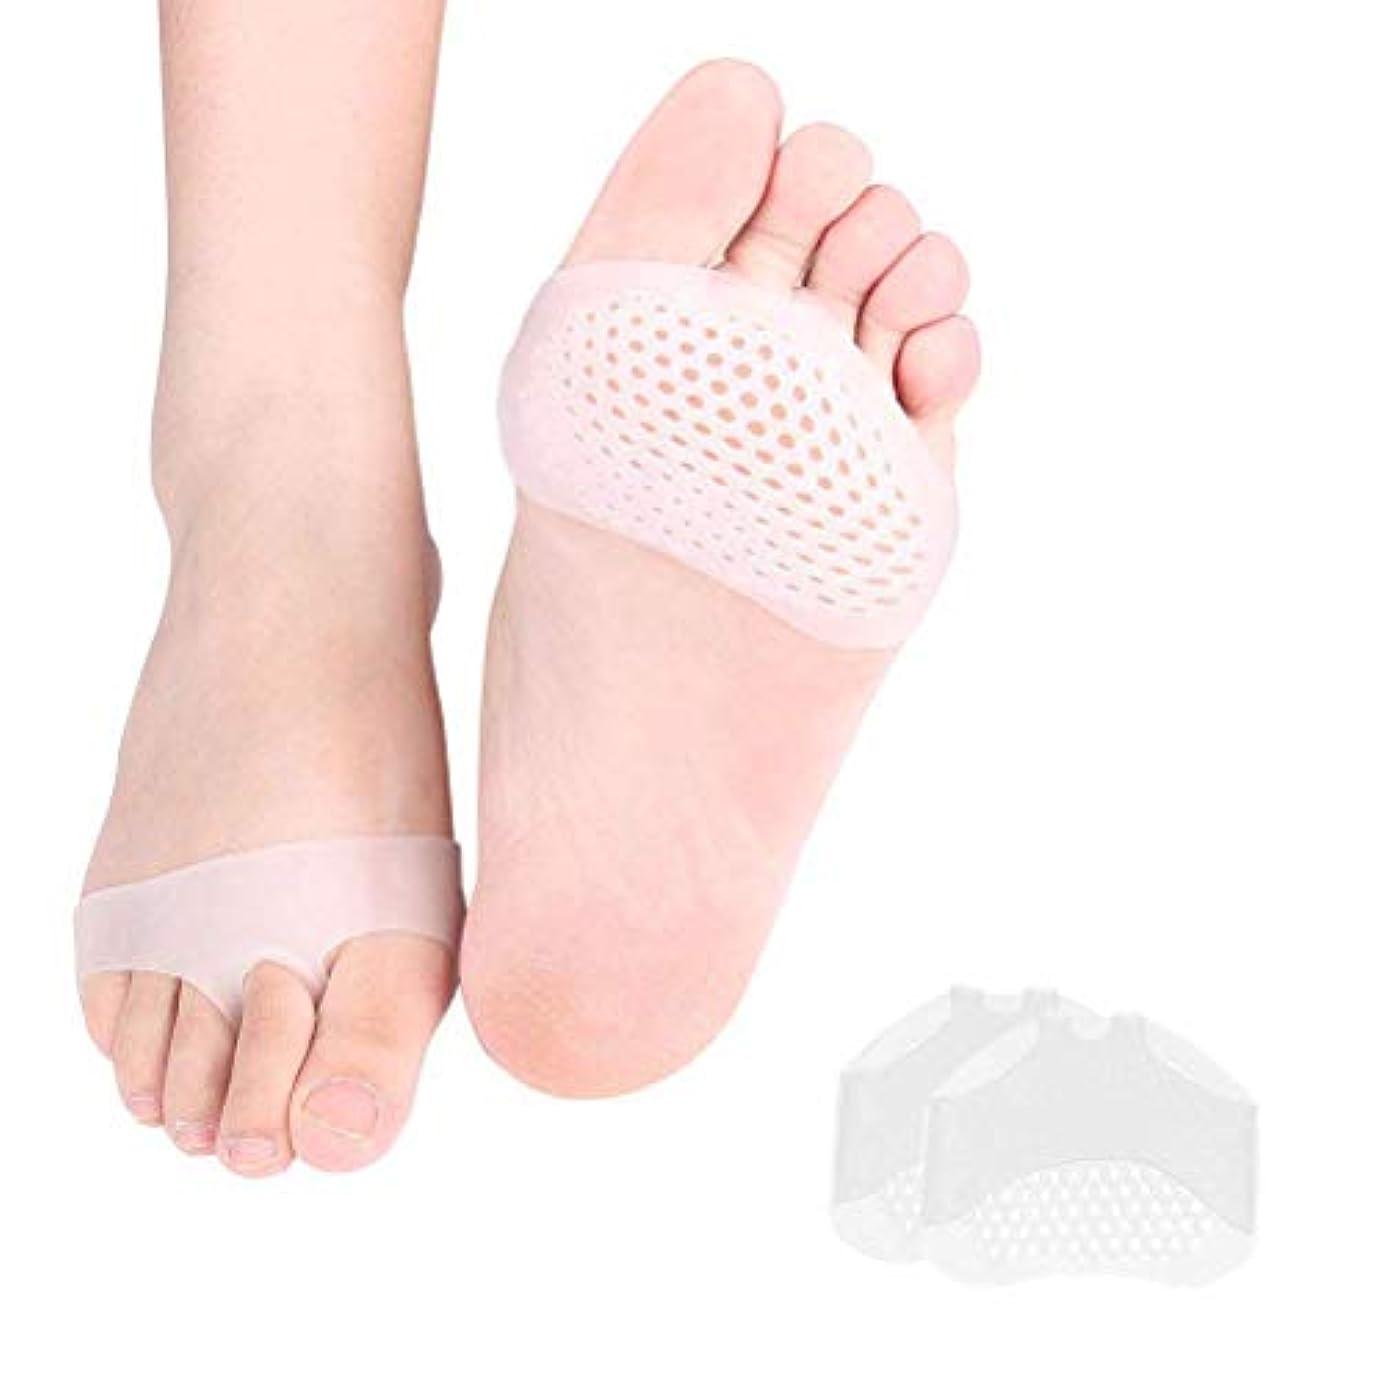 迷惑オーバーヘッド宇宙の脛骨パッド、足パッド、脛骨パッド、女性と男性の脛骨パッド、ソフトラバーインソール、靴、コーン、カルス用-クイックリリーフ